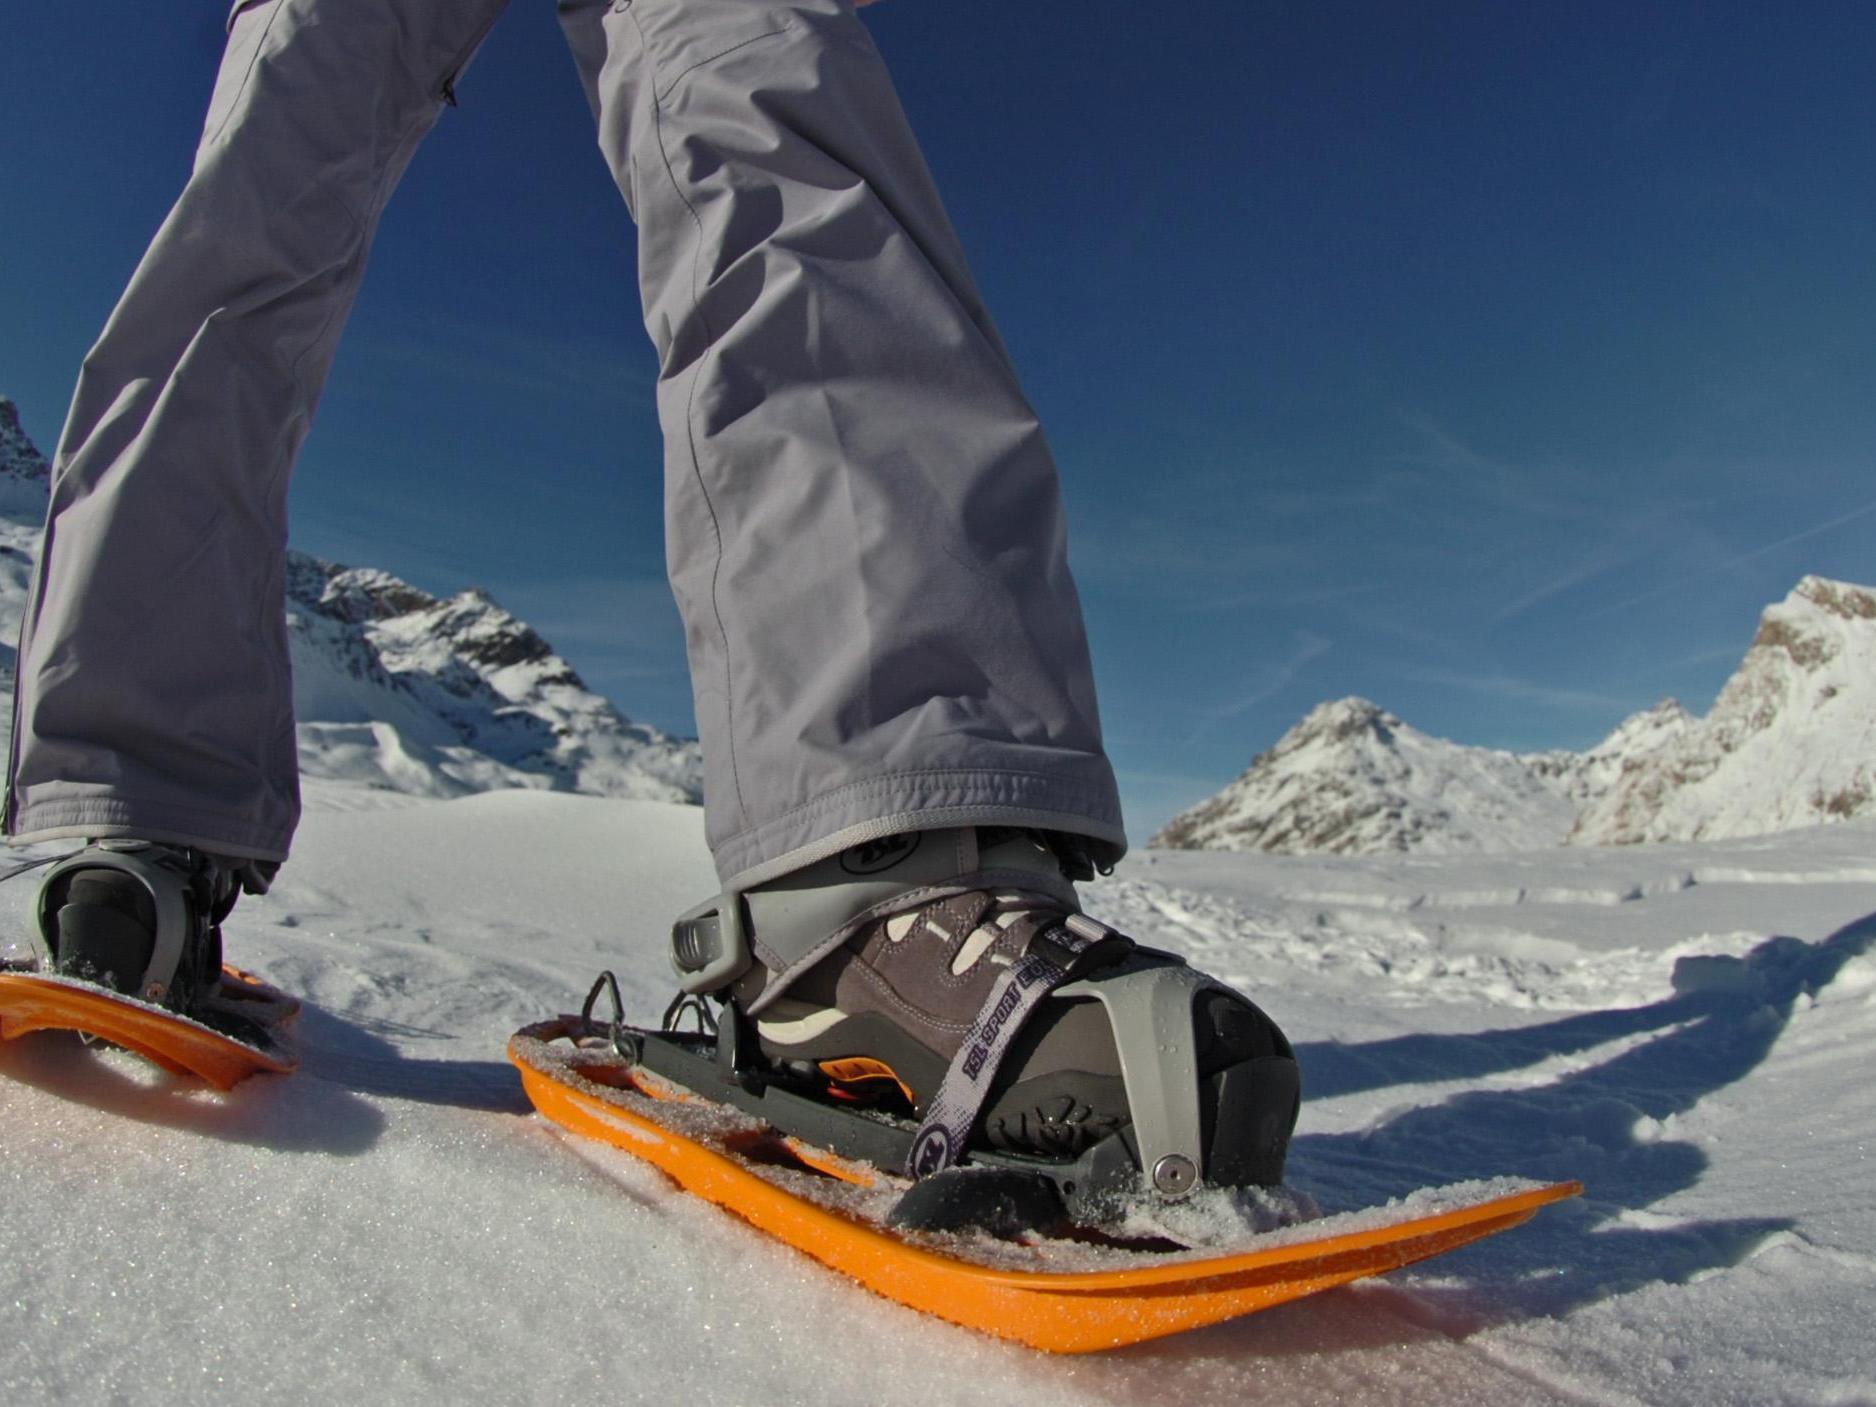 Schneeschuhwanderinnen unterkühlt aber unverletzt von Hubschrauber geborgen